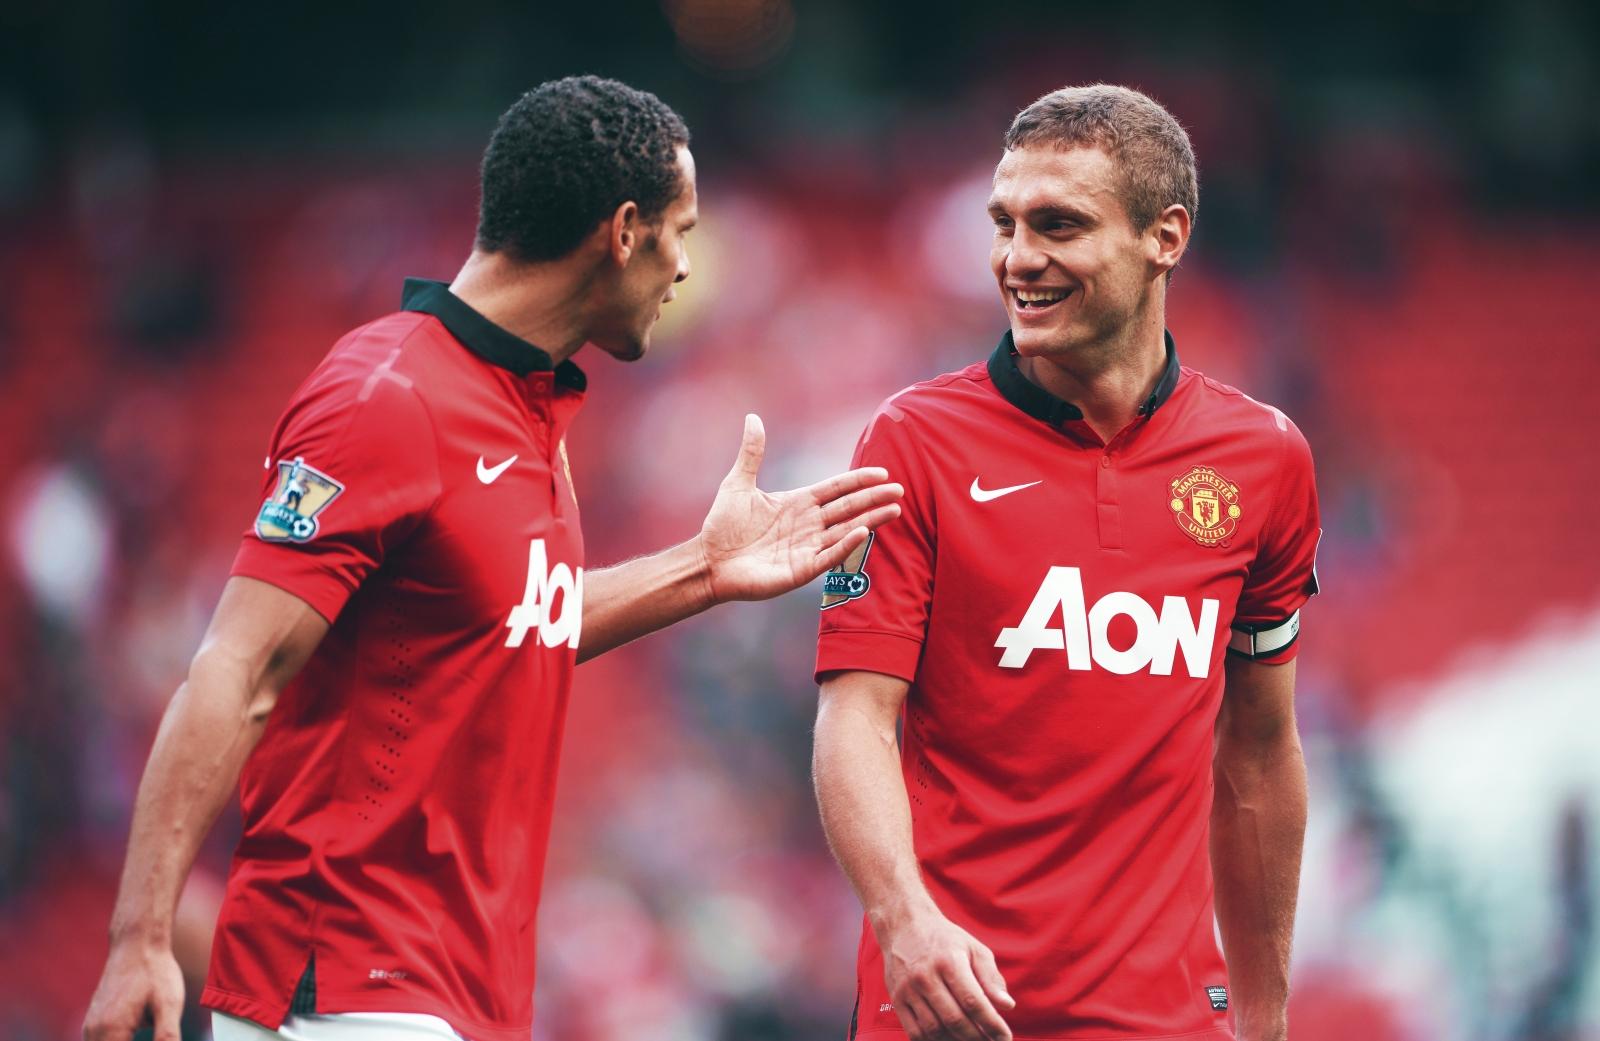 Van Persie chỉ ra 2 cầu thủ giỏi nhất anh từng thi đấu: 0 Arsenal; 0 Hà Lan - Bóng Đá